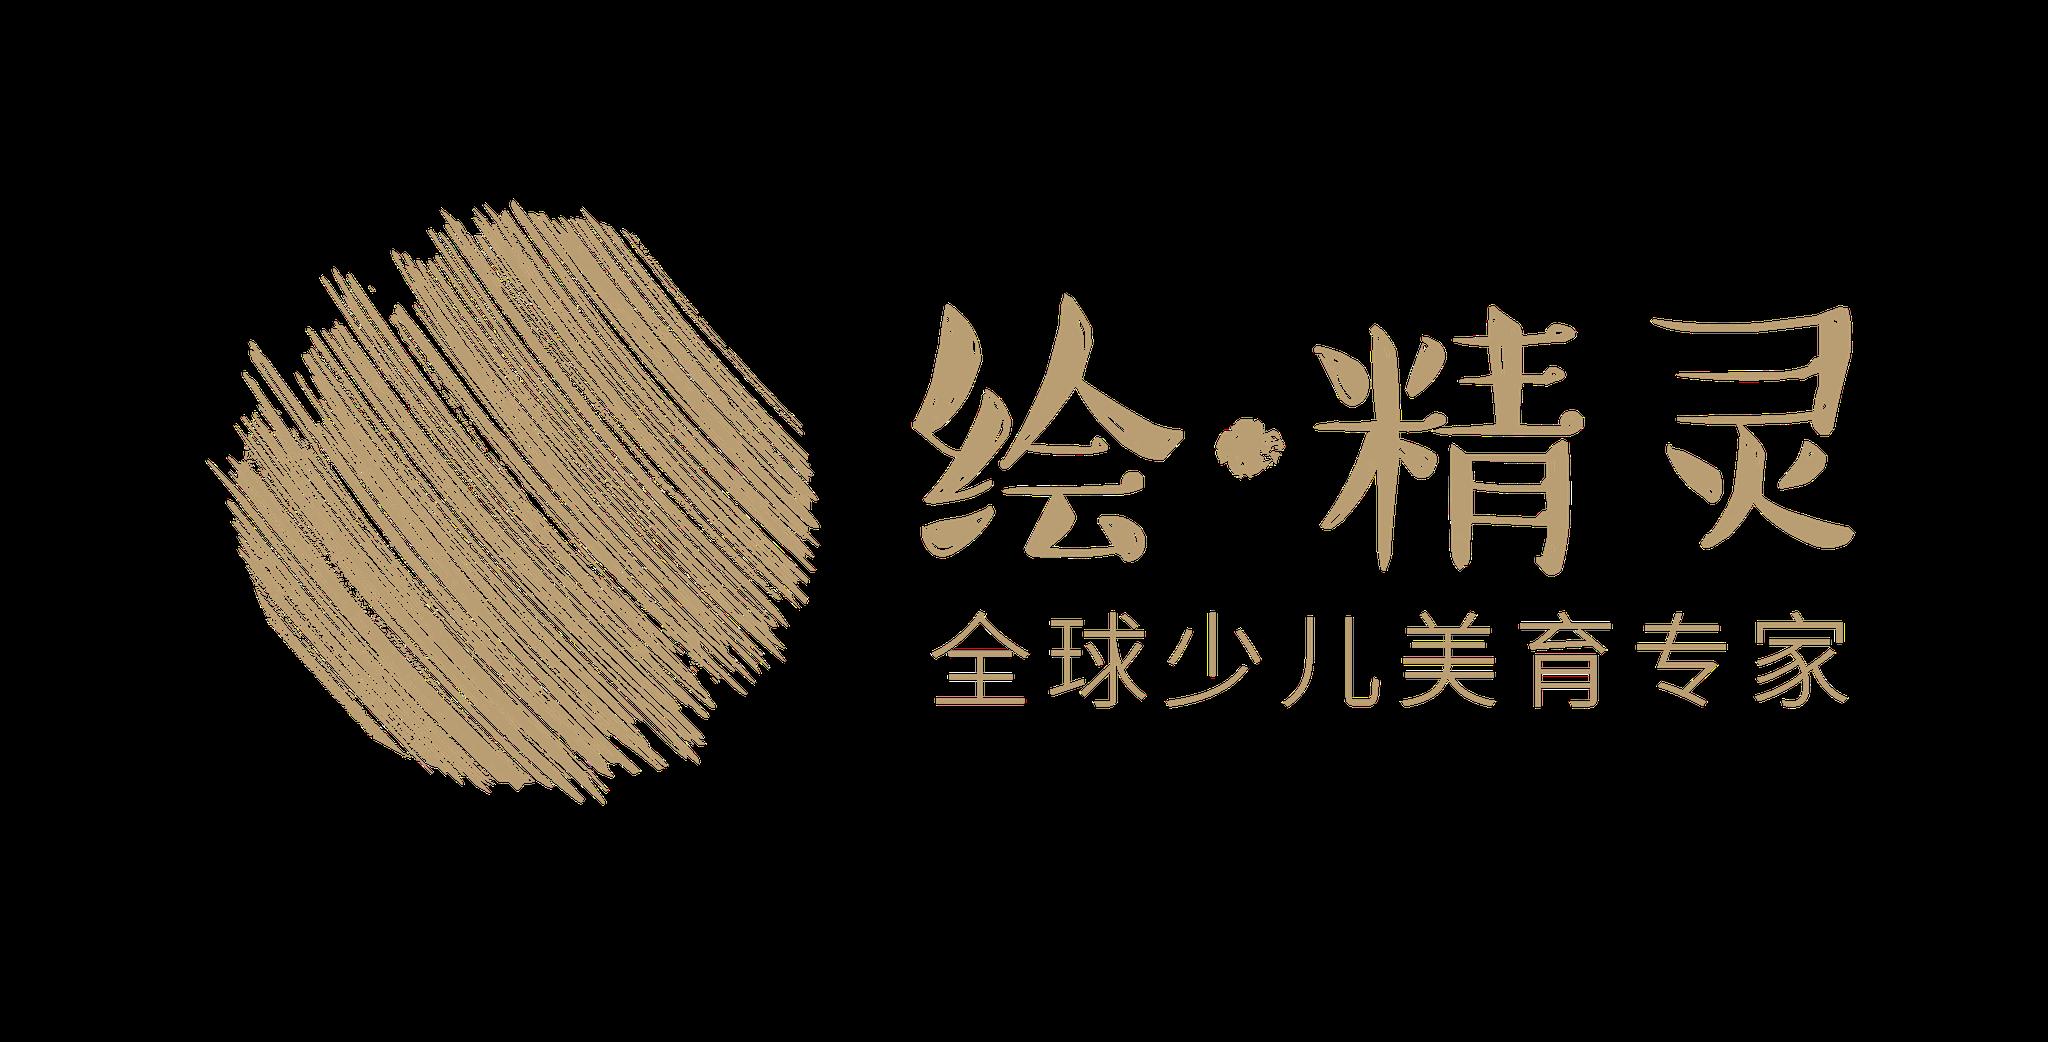 2019新浪教育盛典候选机构:绘精灵国际少儿创意美术